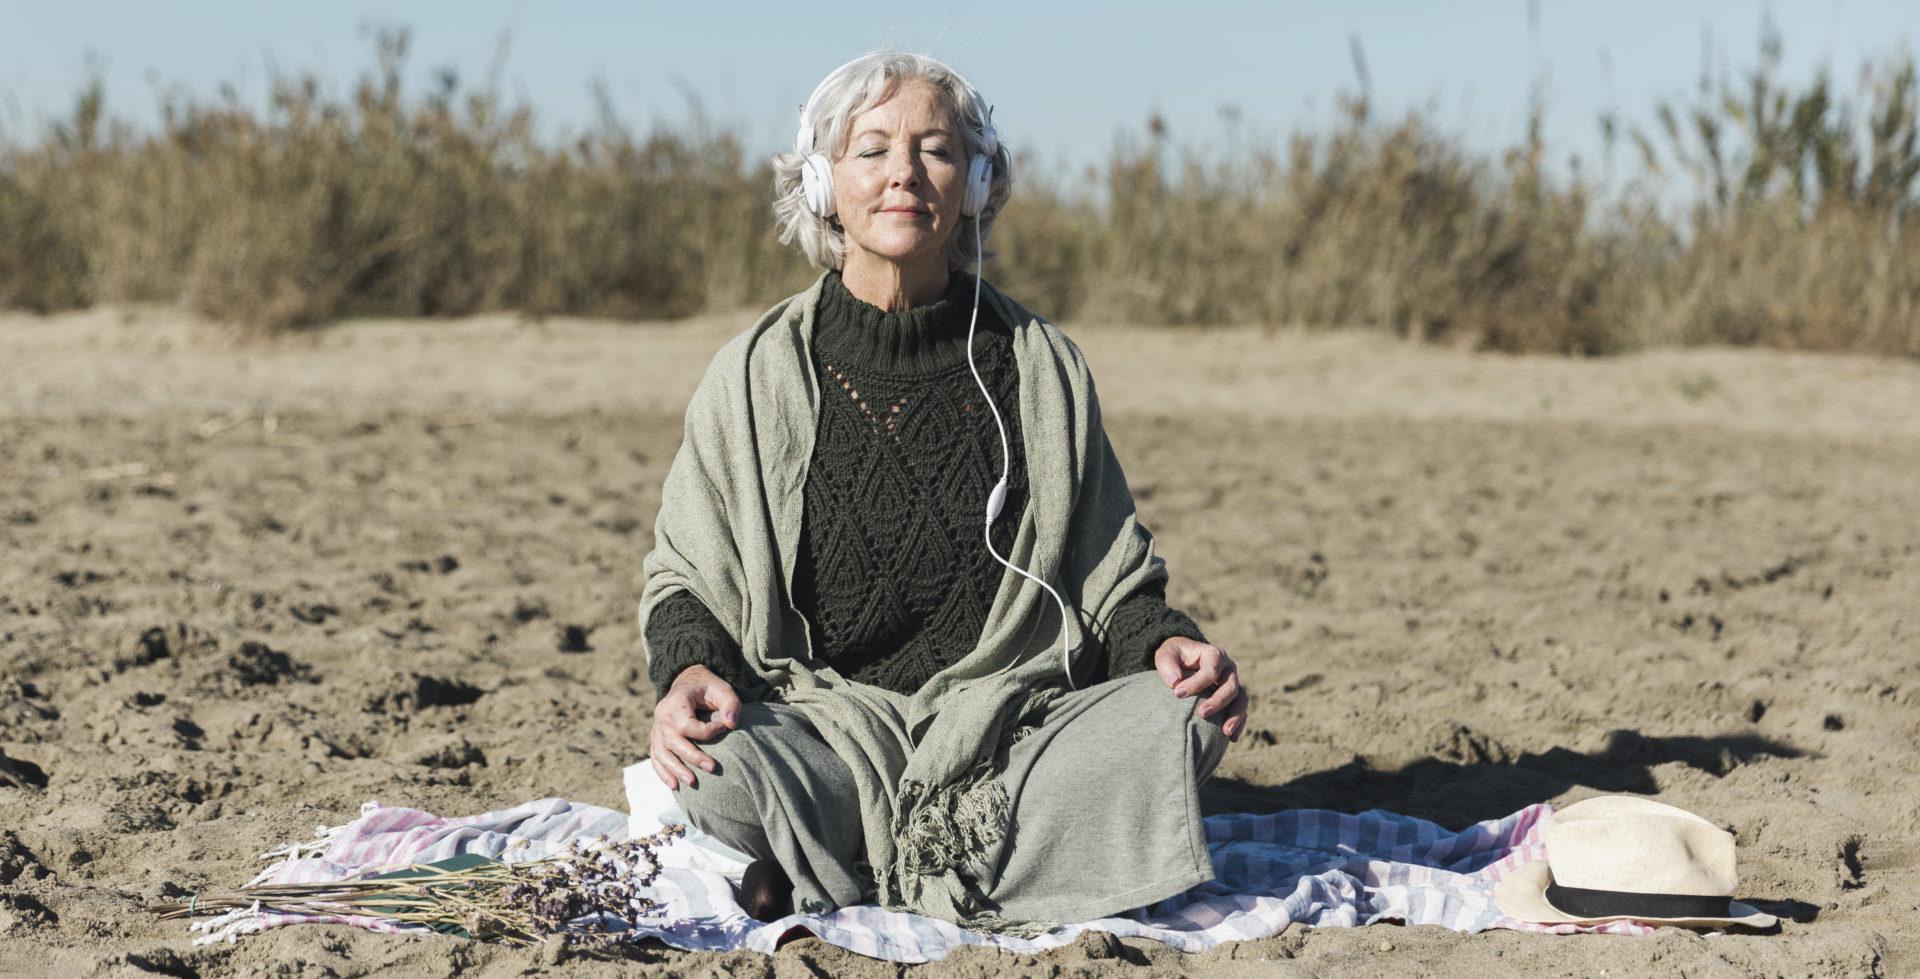 Image article MBSR Lyon La Silver Santé Study : La méditation ralentit-elle le vieillissement du cerveau ?